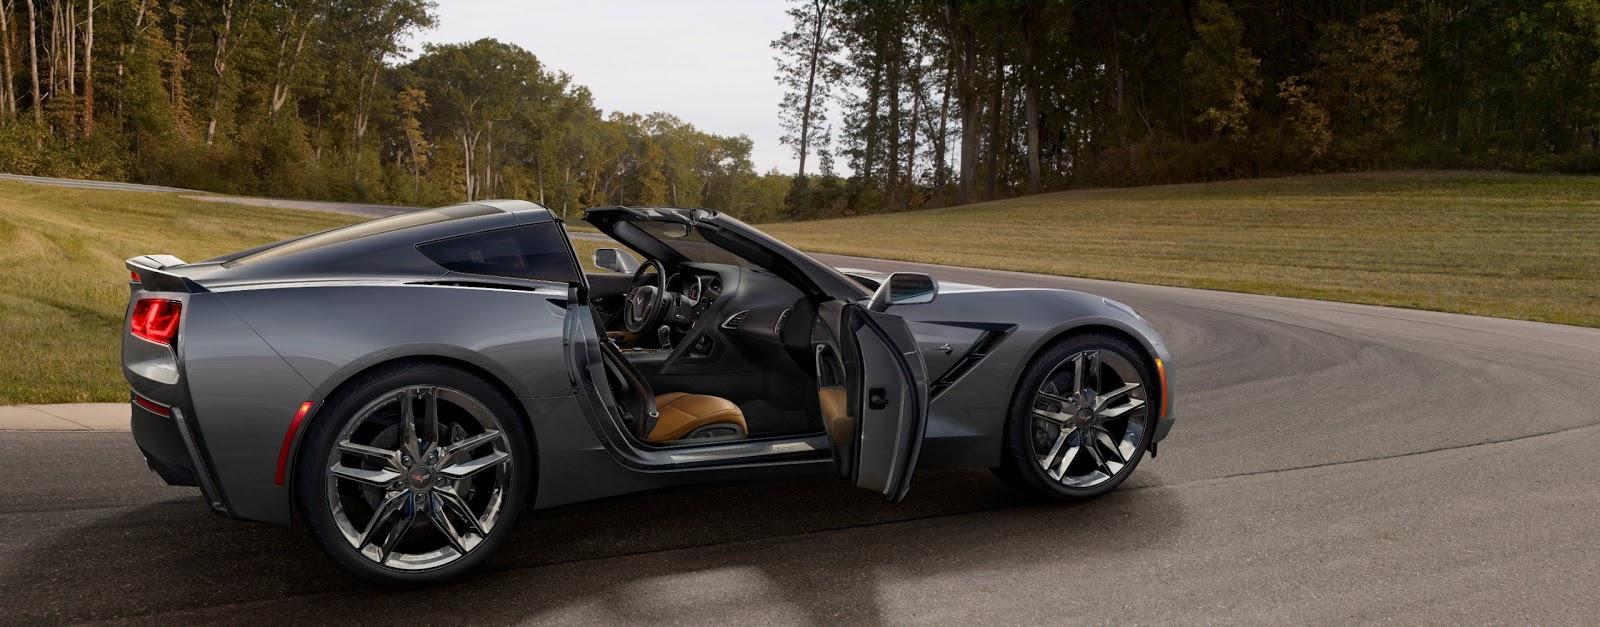 2014 Corvette From Chevrolet